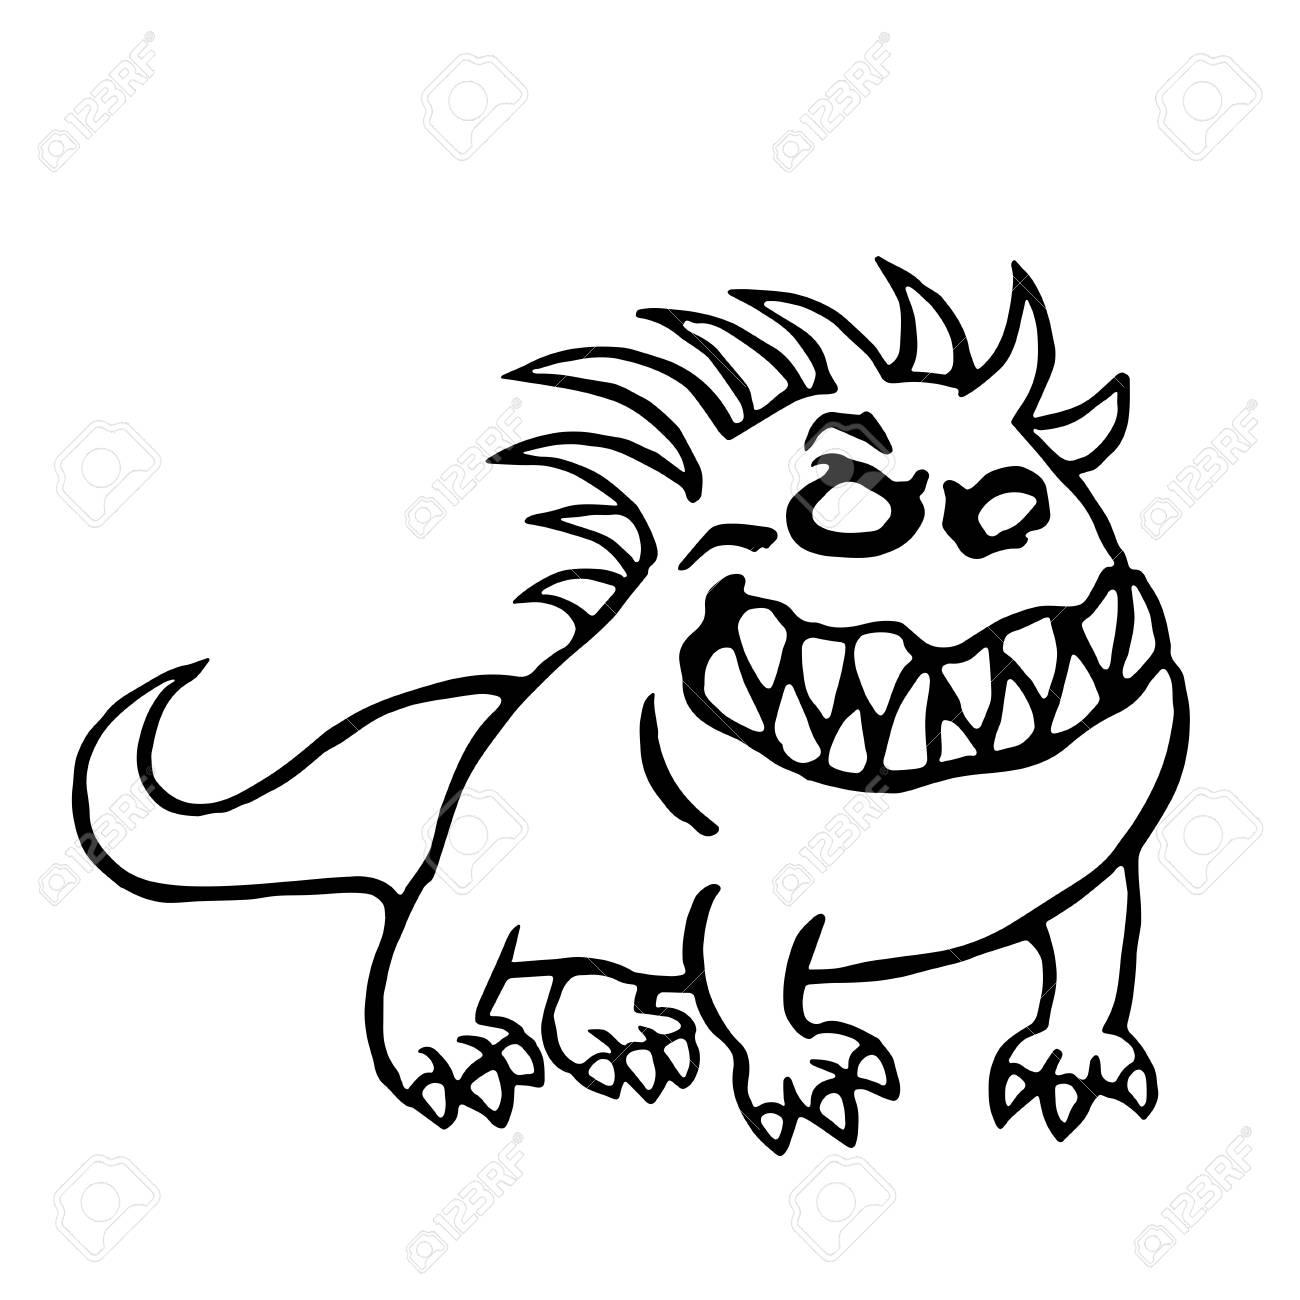 Cartoon Big Dog From Hell Cute Monster Vector Illustration